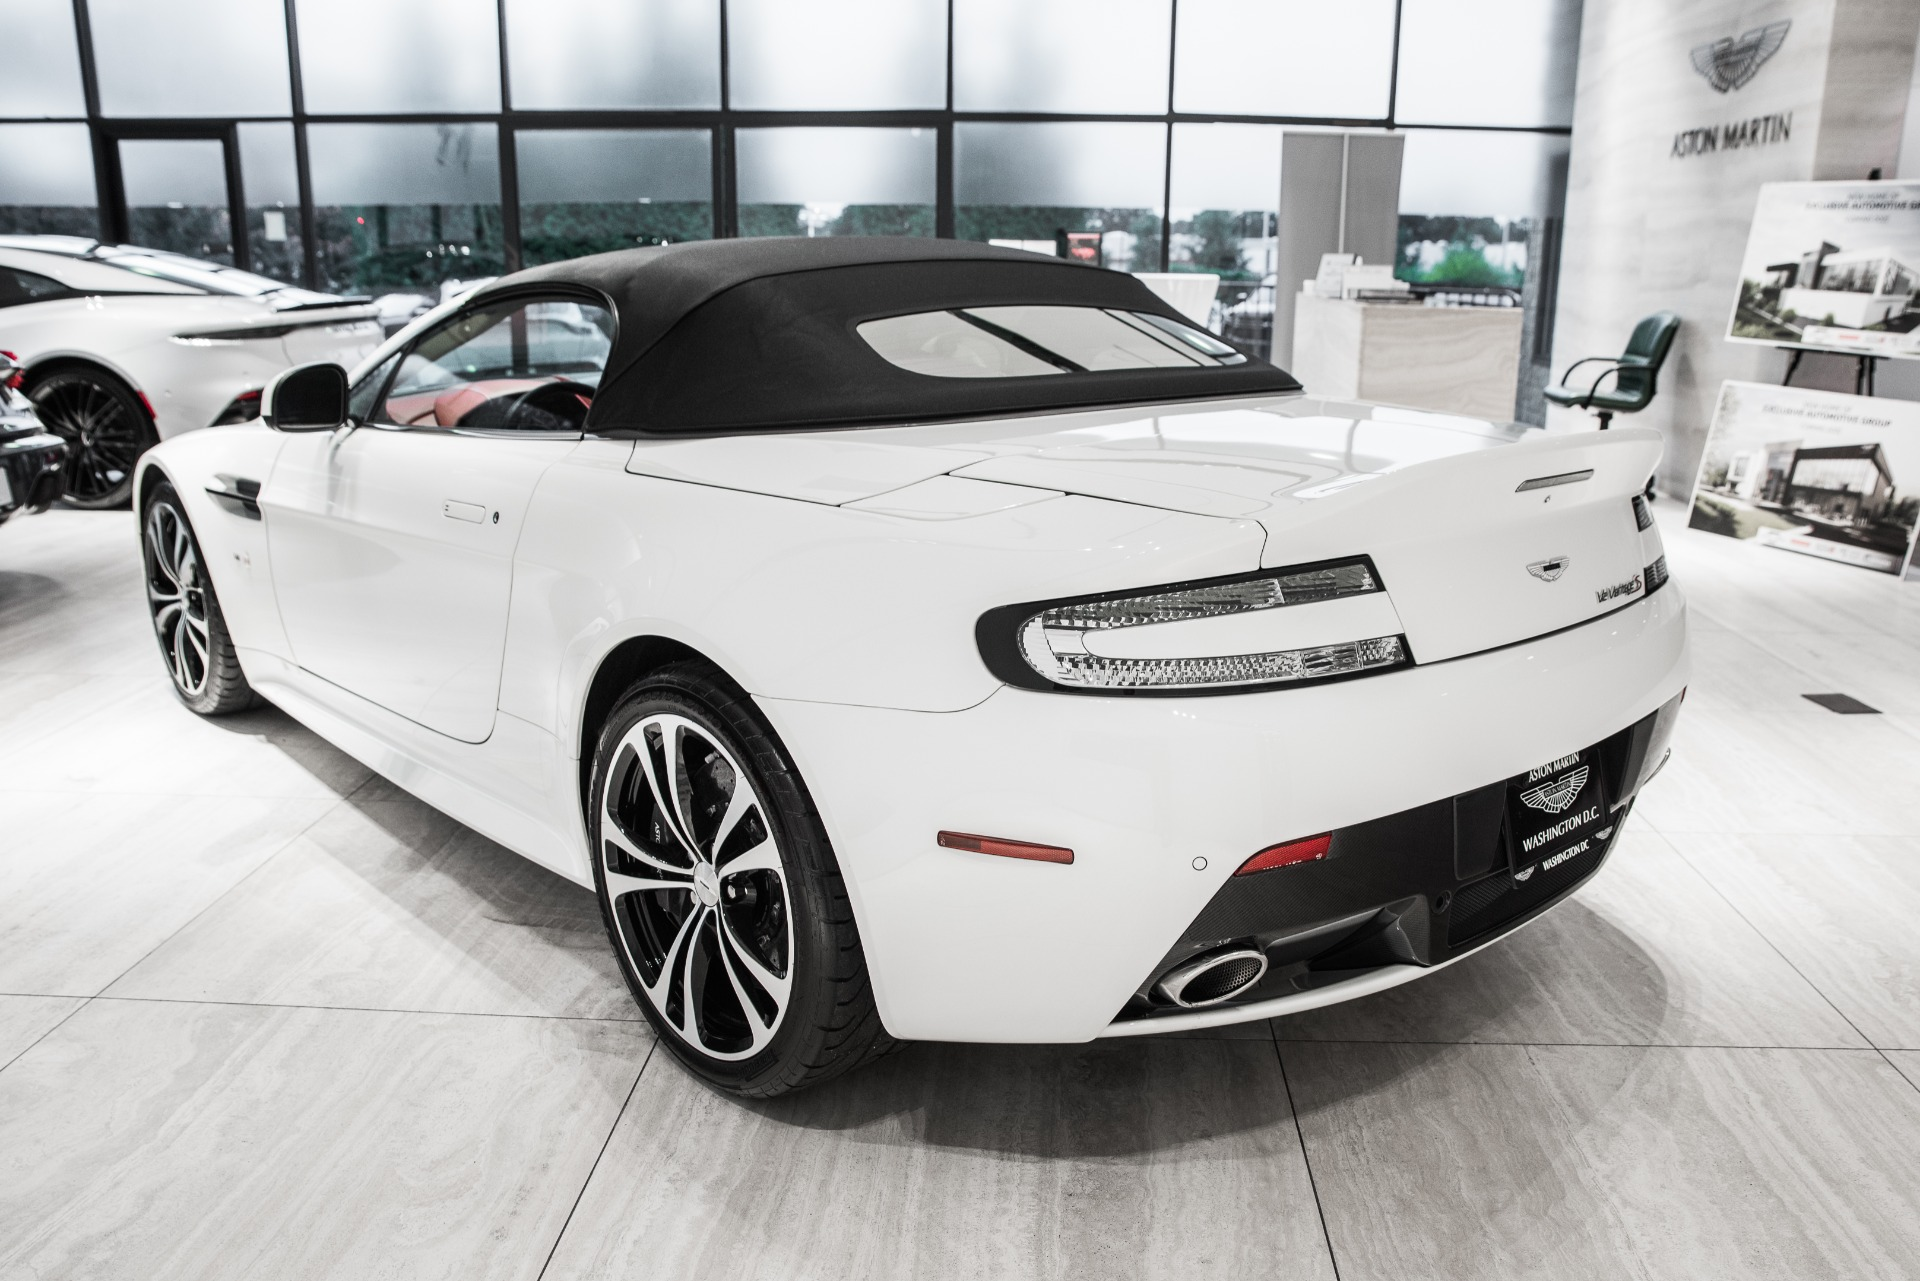 Used-2017-Aston-Martin-V12-Vantage-S-Roadster